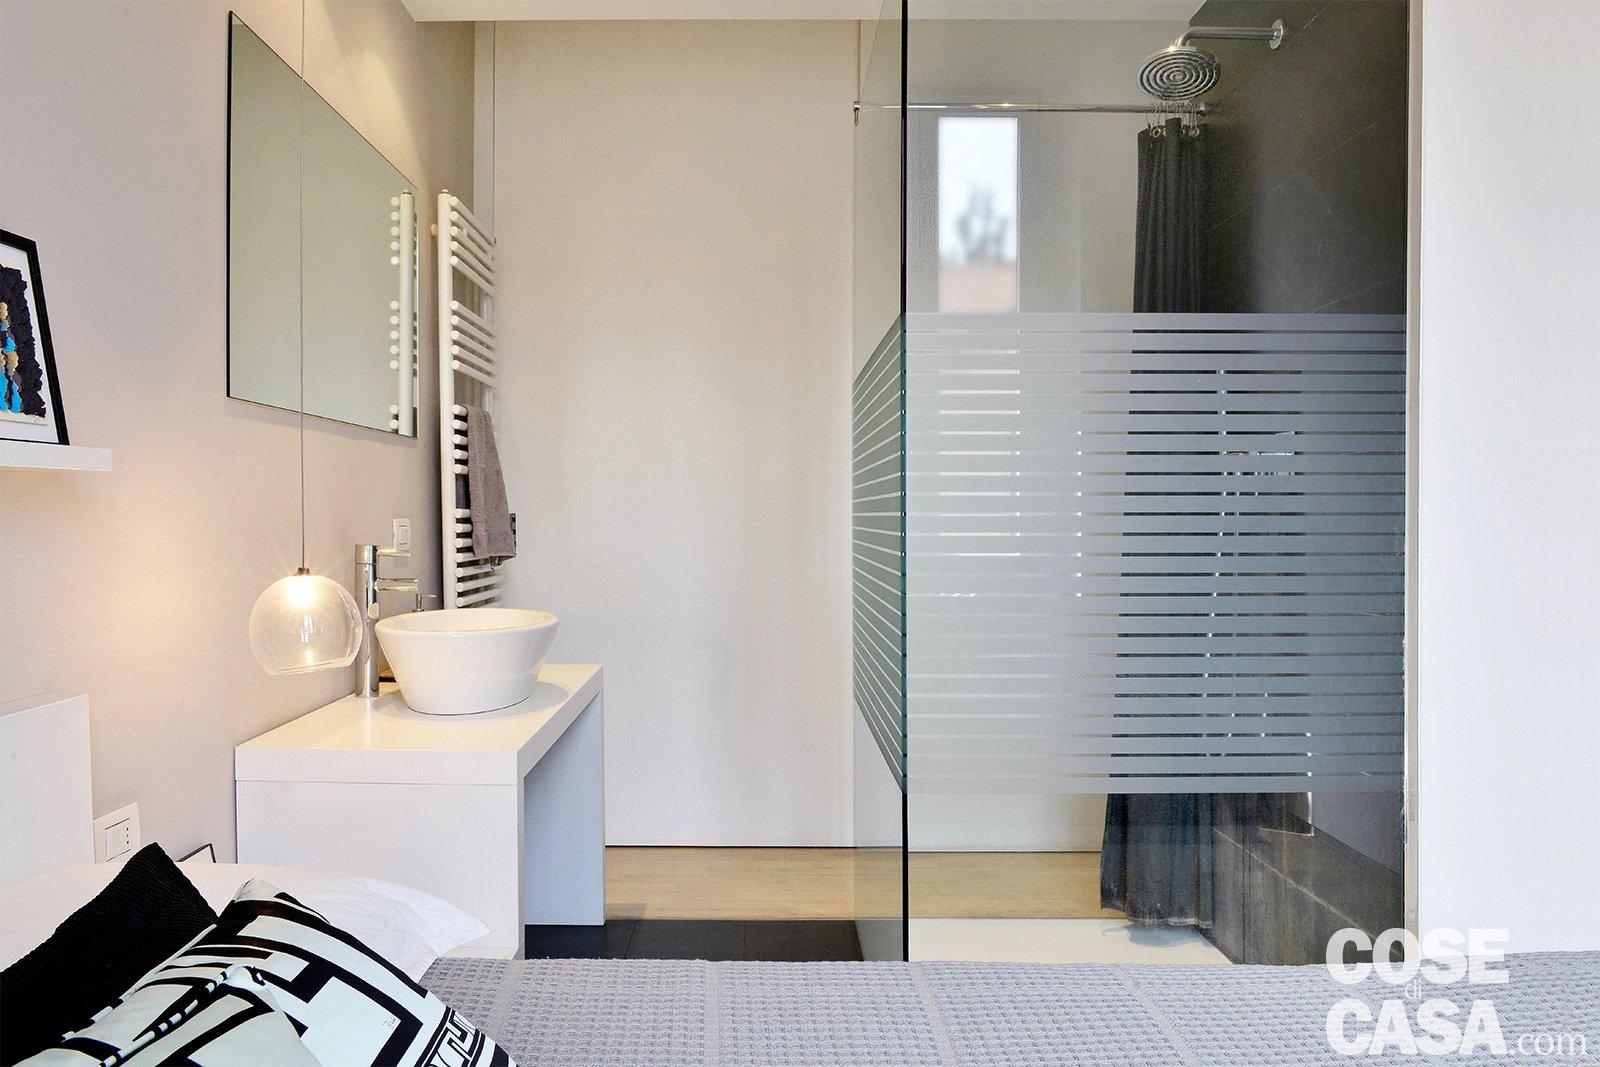 Bagno In Camera Con Vetrata : Bilocale black white mq in stile minimal cose di casa